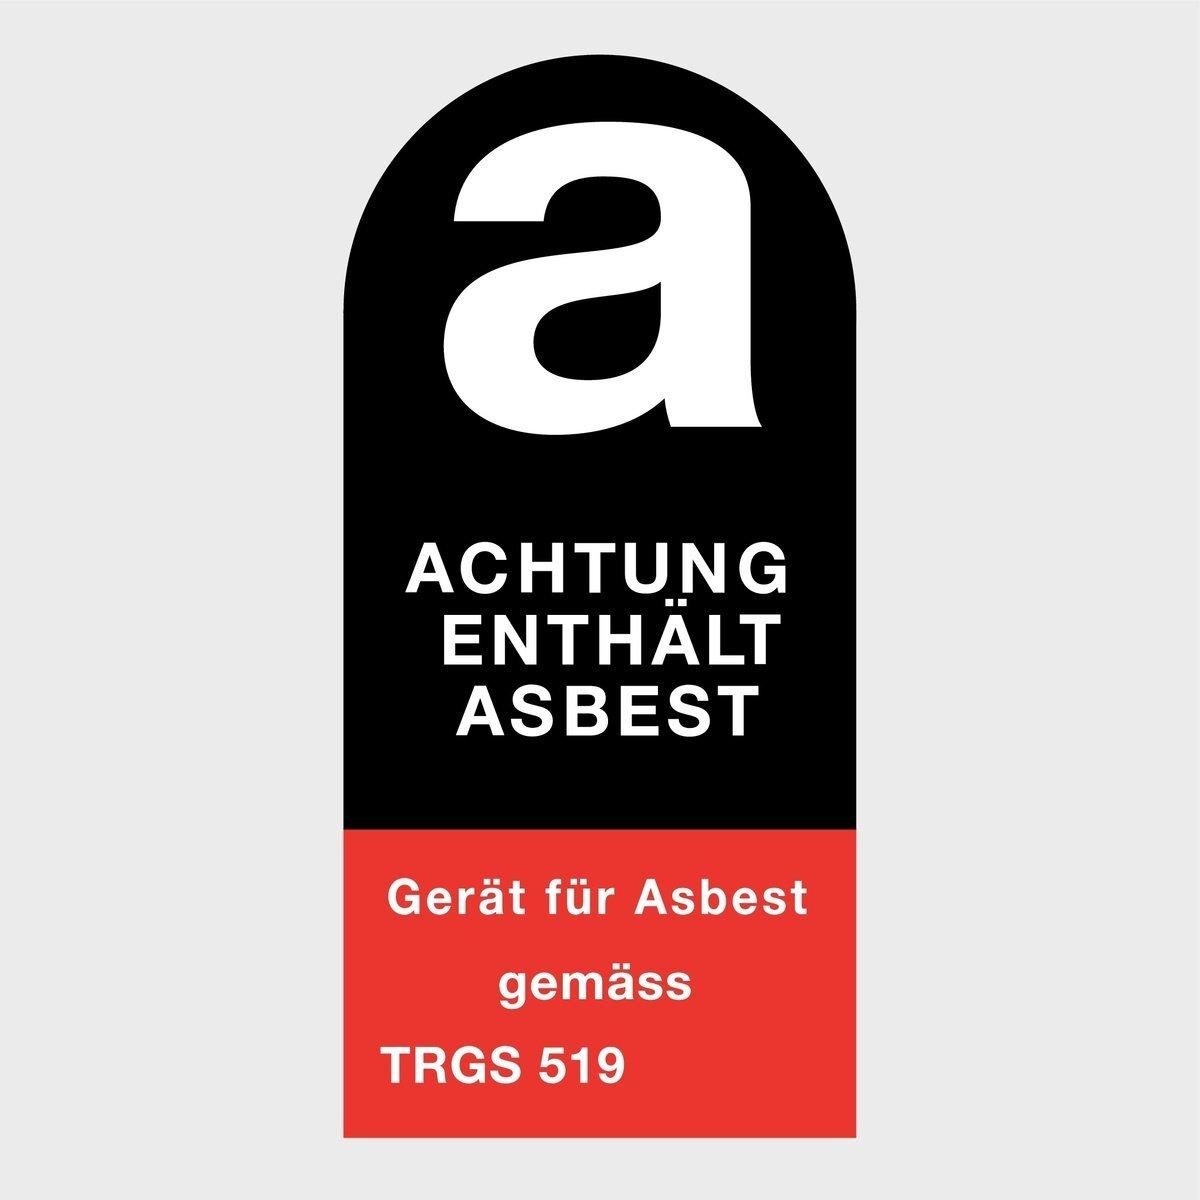 Veiligheidsstofzuiger NT 50/1 Tact Te H: Goedgekeurd voor asbeststof